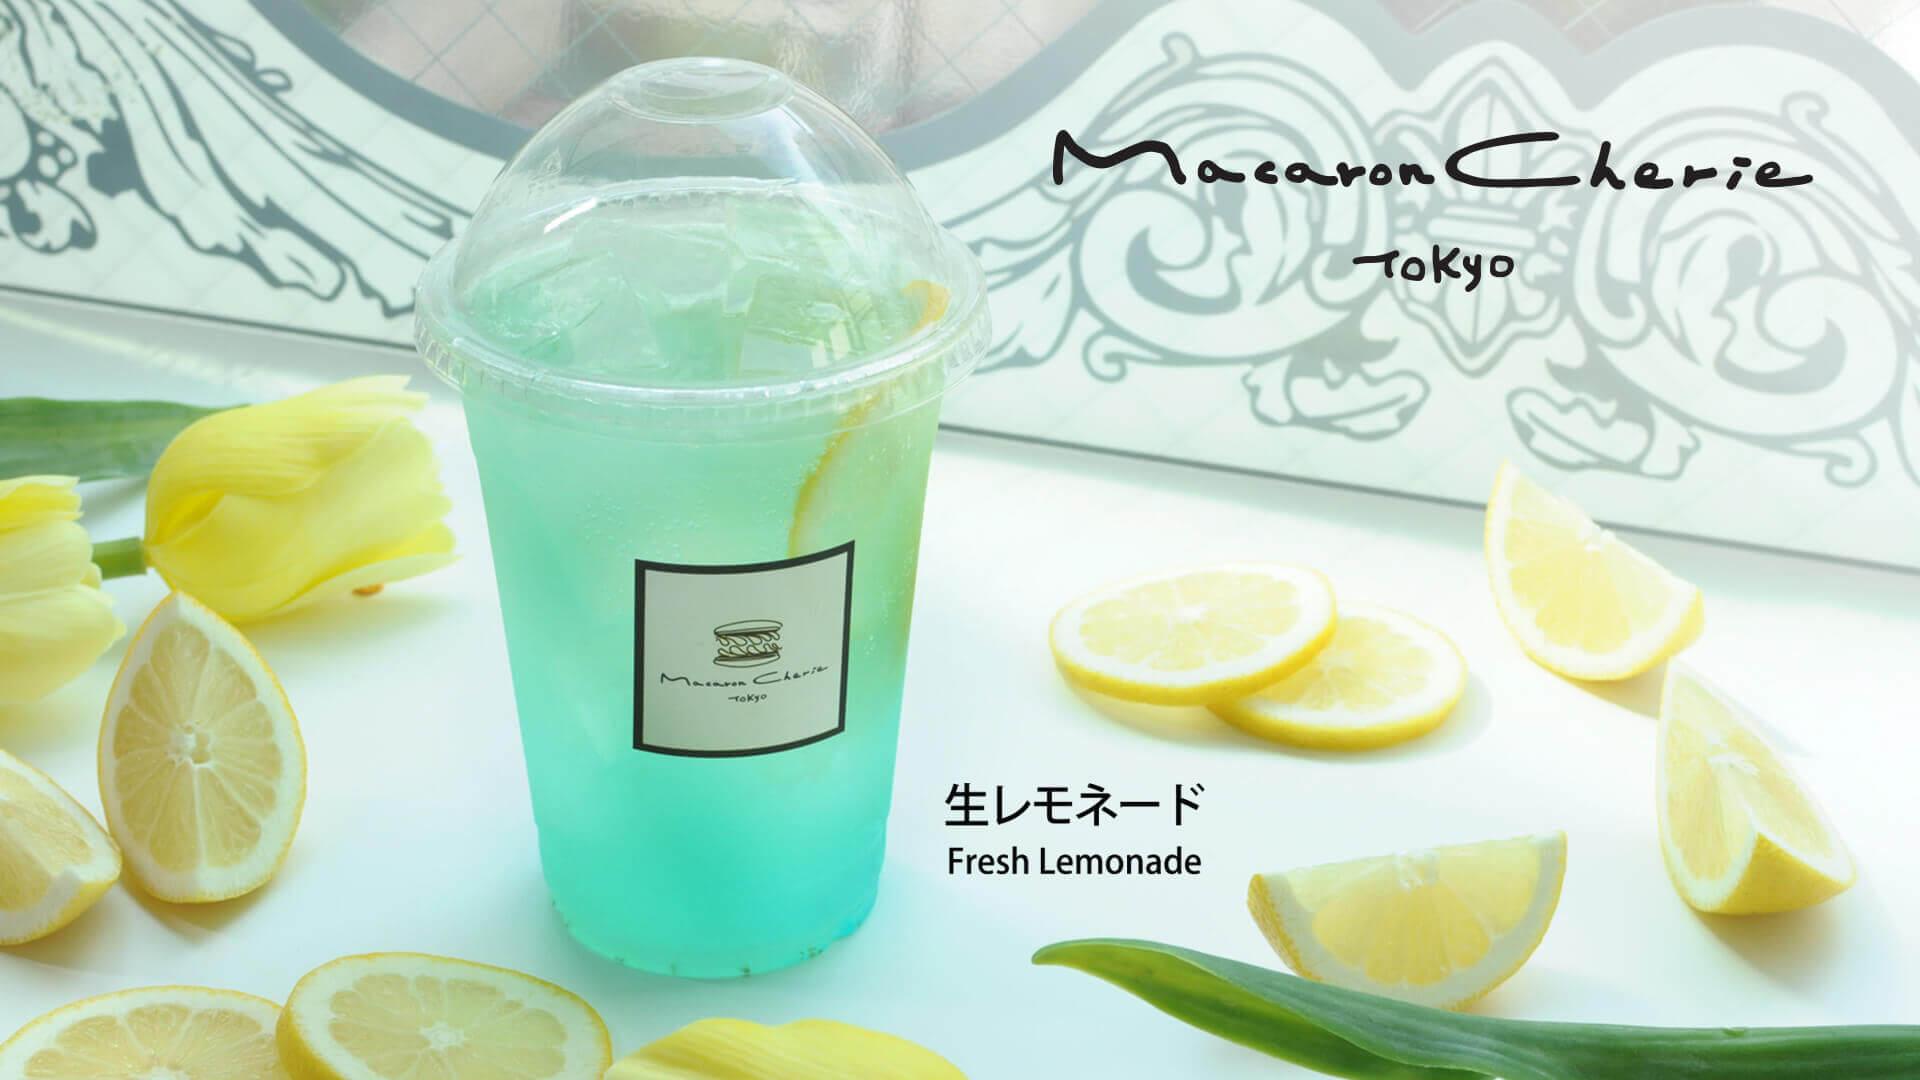 生レモネード/¥500(税込み)